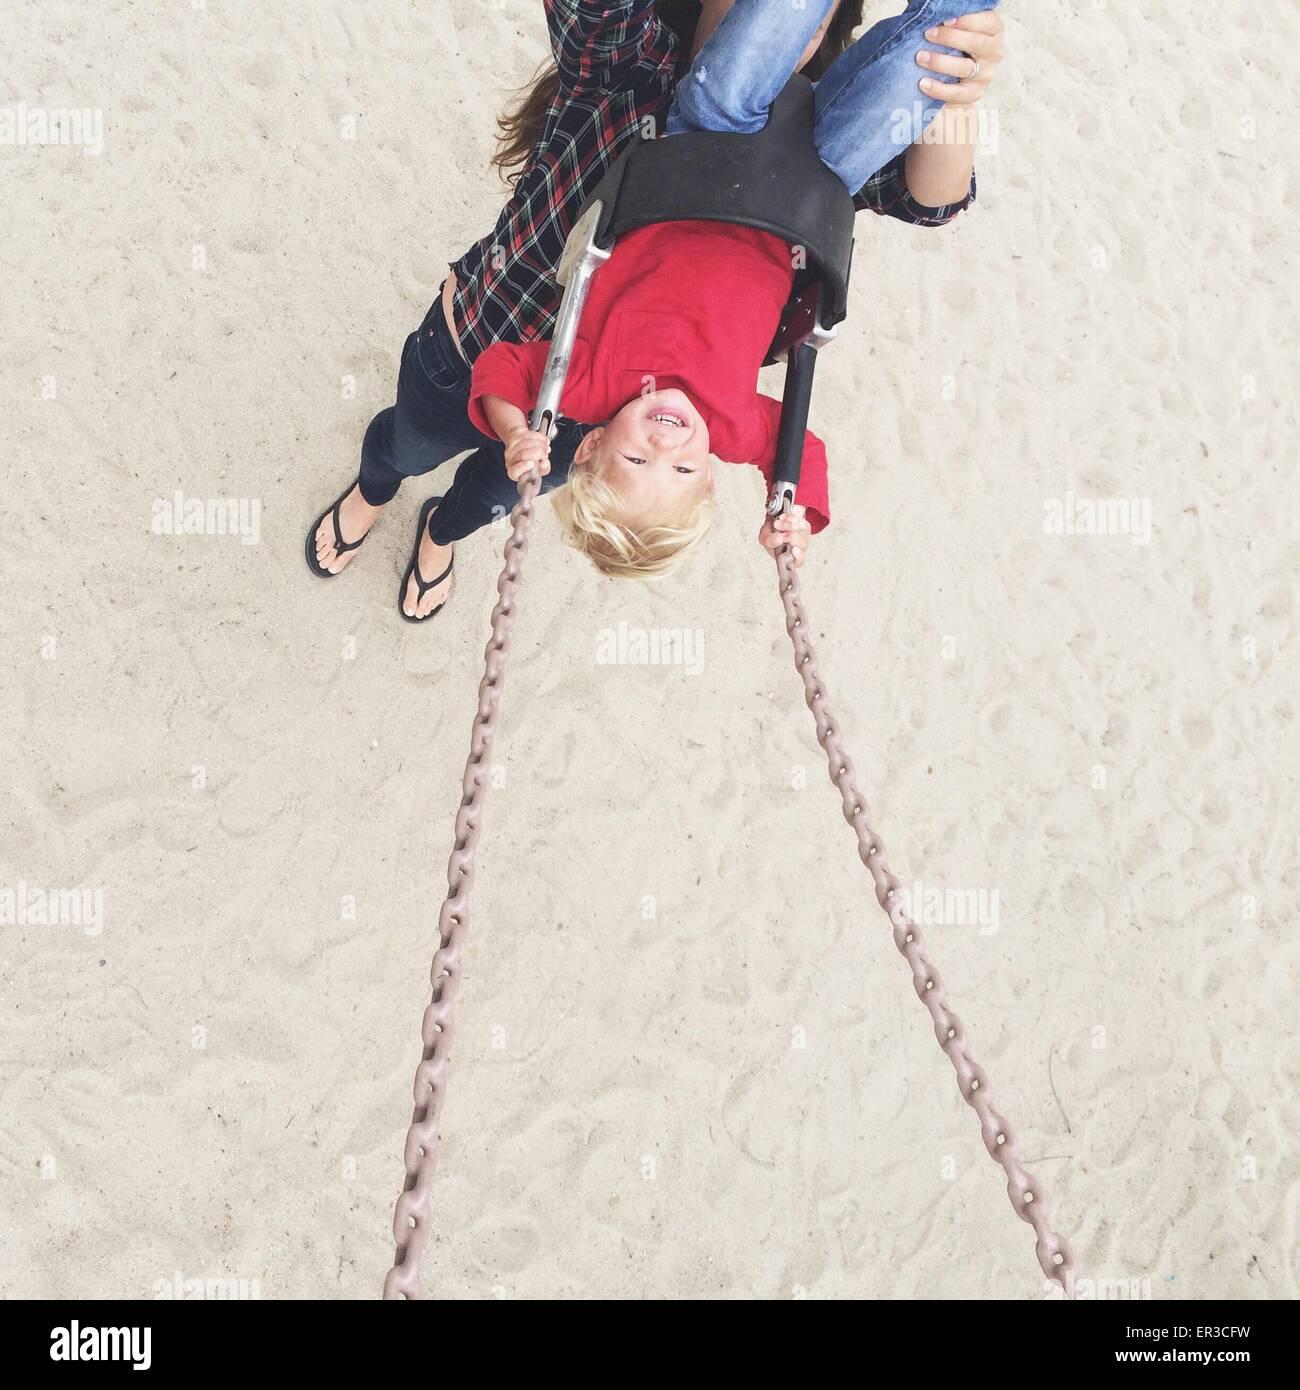 Vista elevada de una mujer empujando a su hijo en un columpio Foto de stock